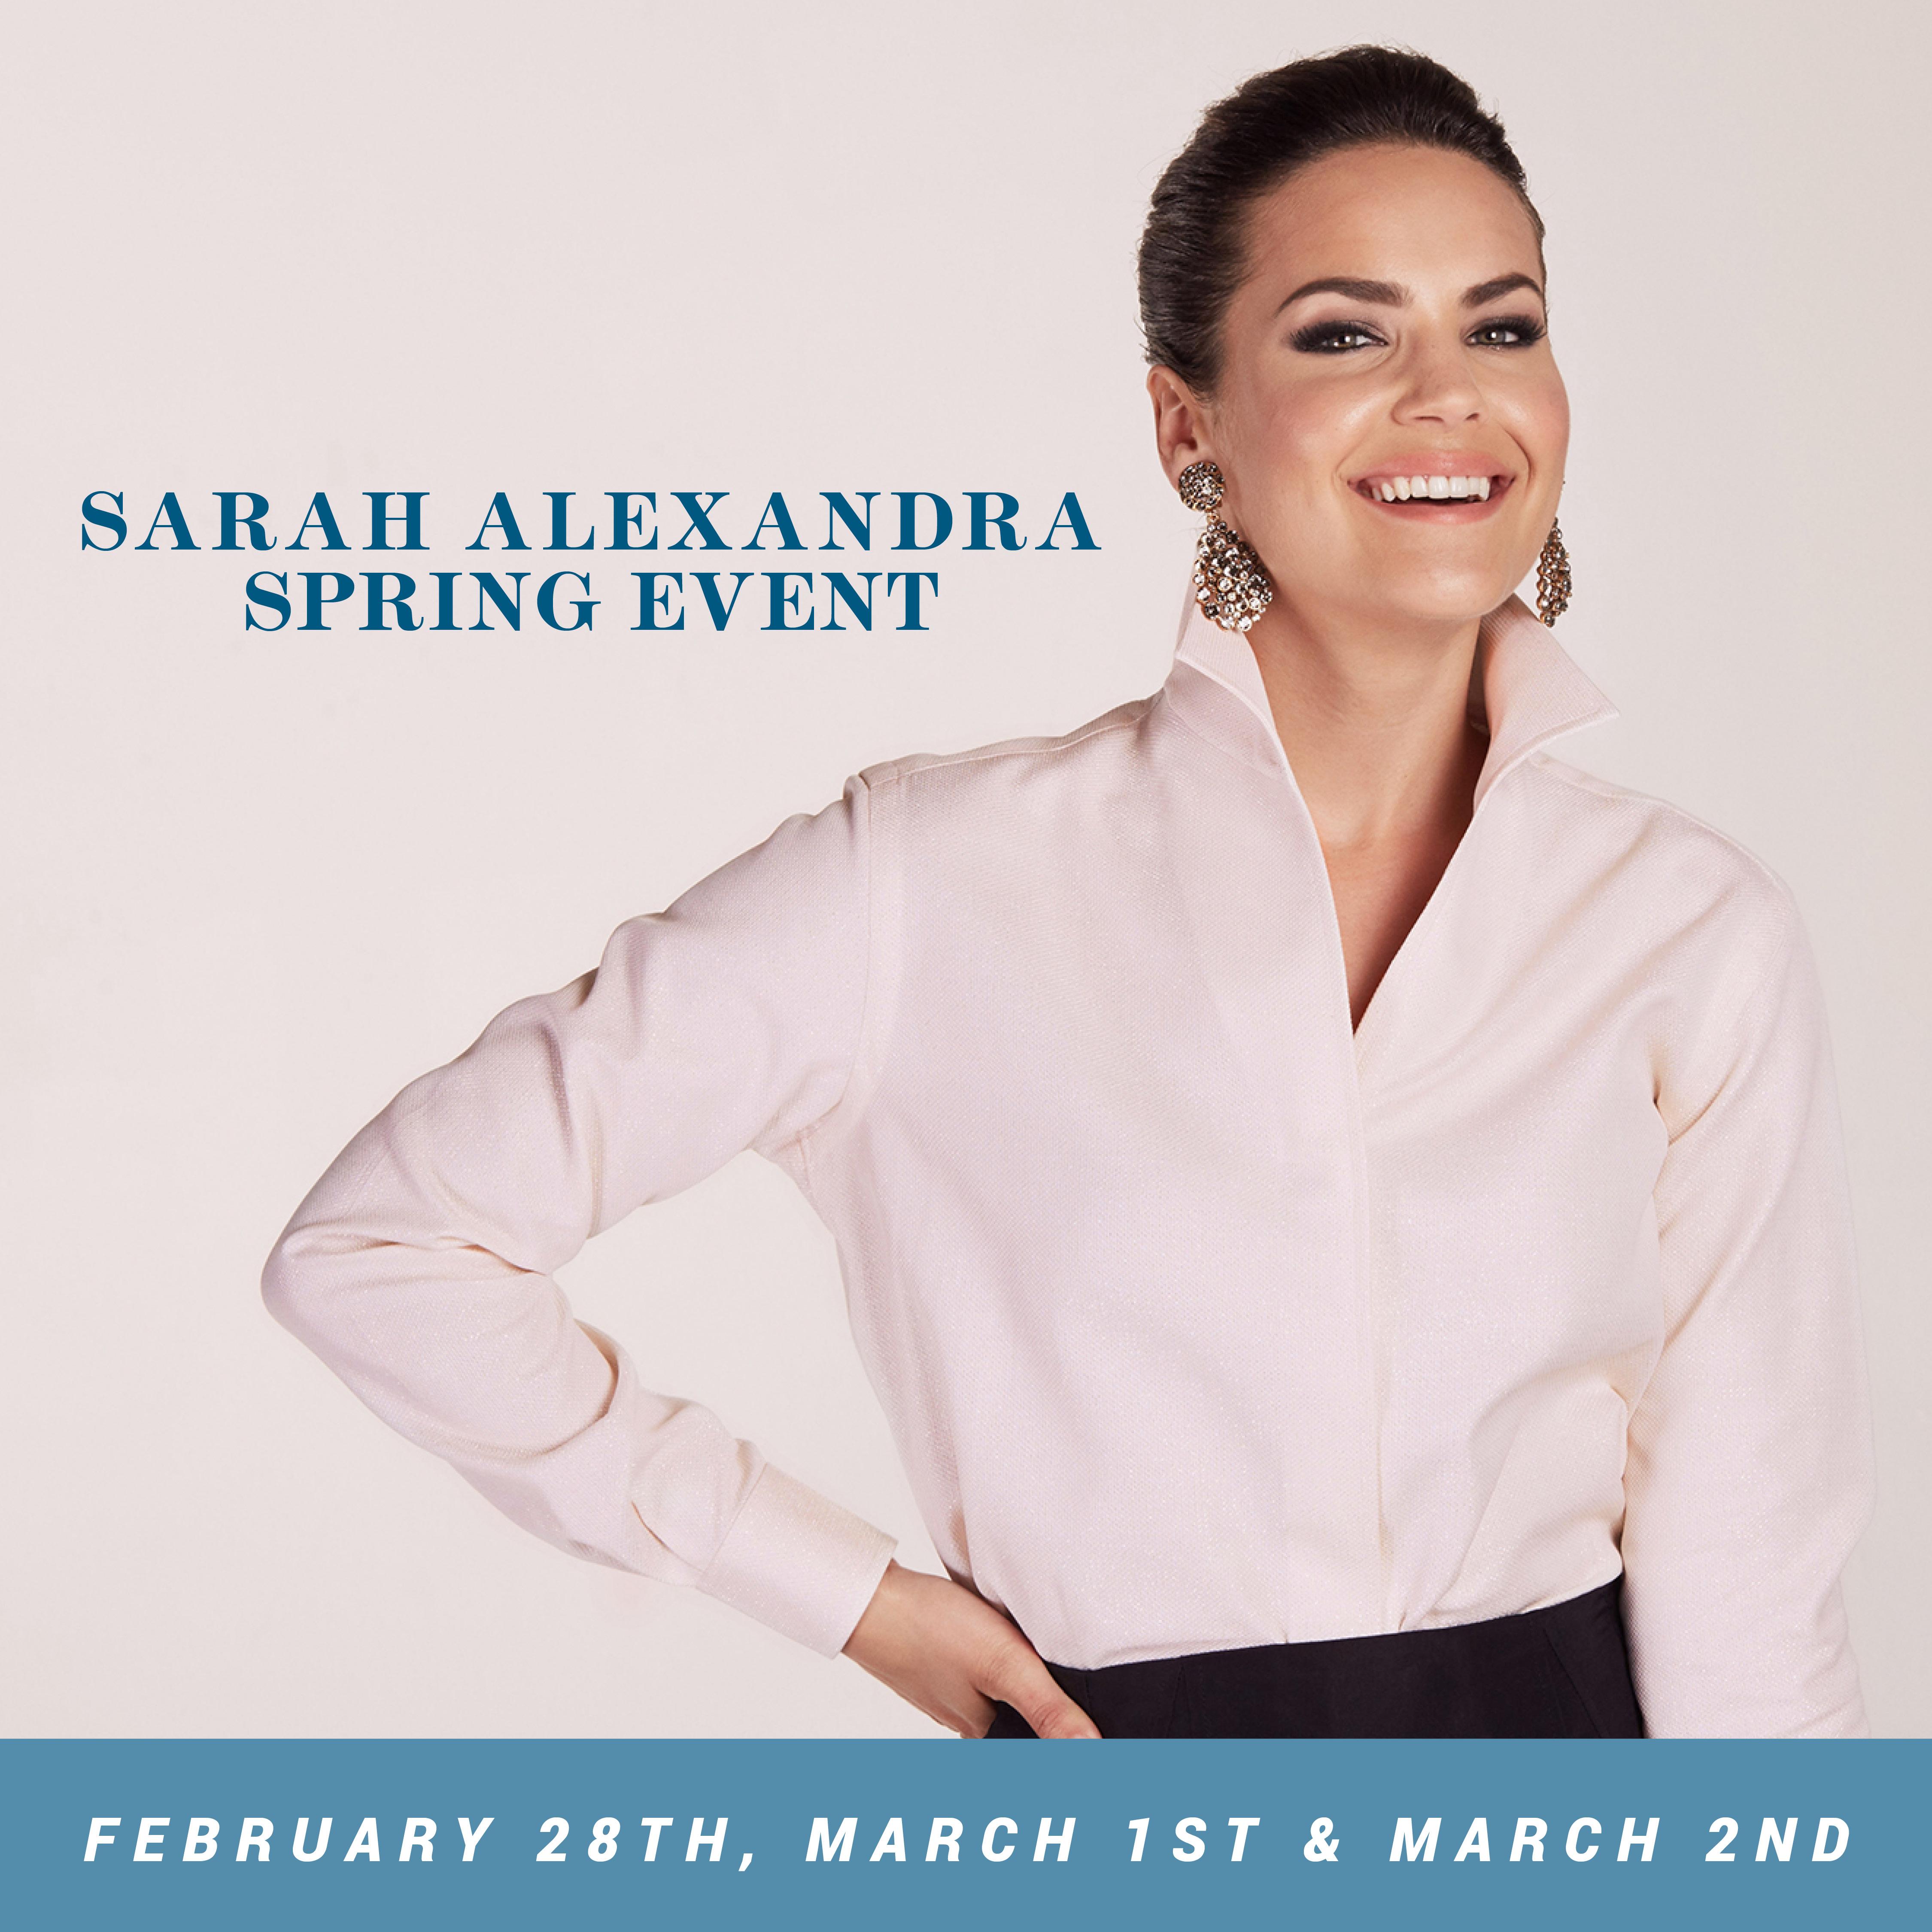 Sarah Alexandra Spring Event